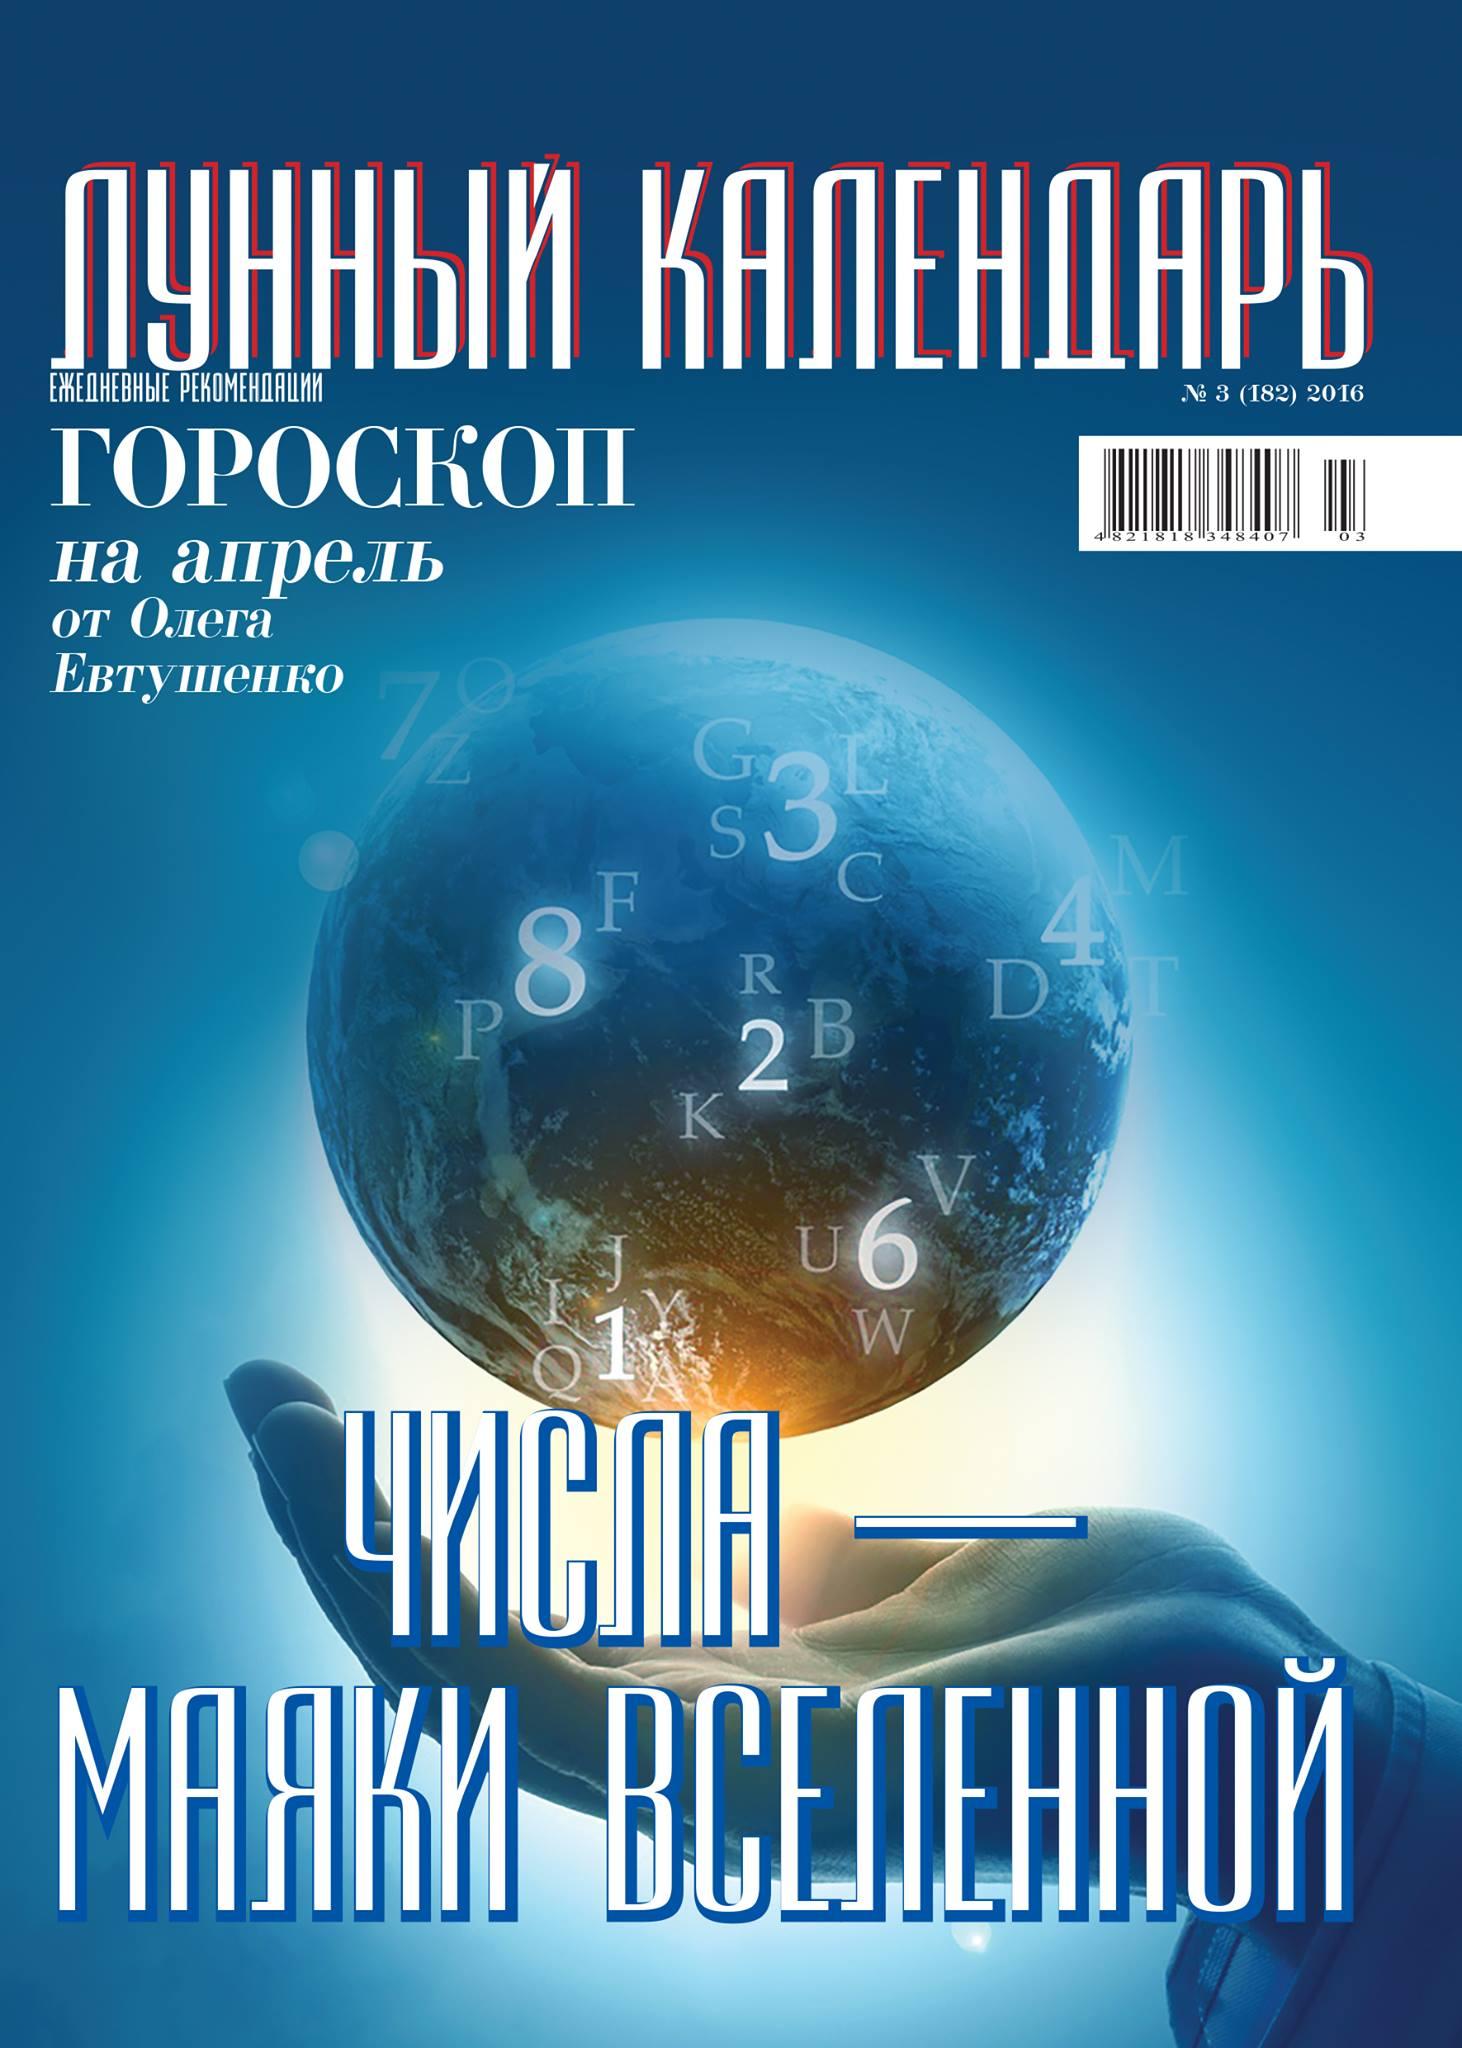 журнал хозяин июль2012г.